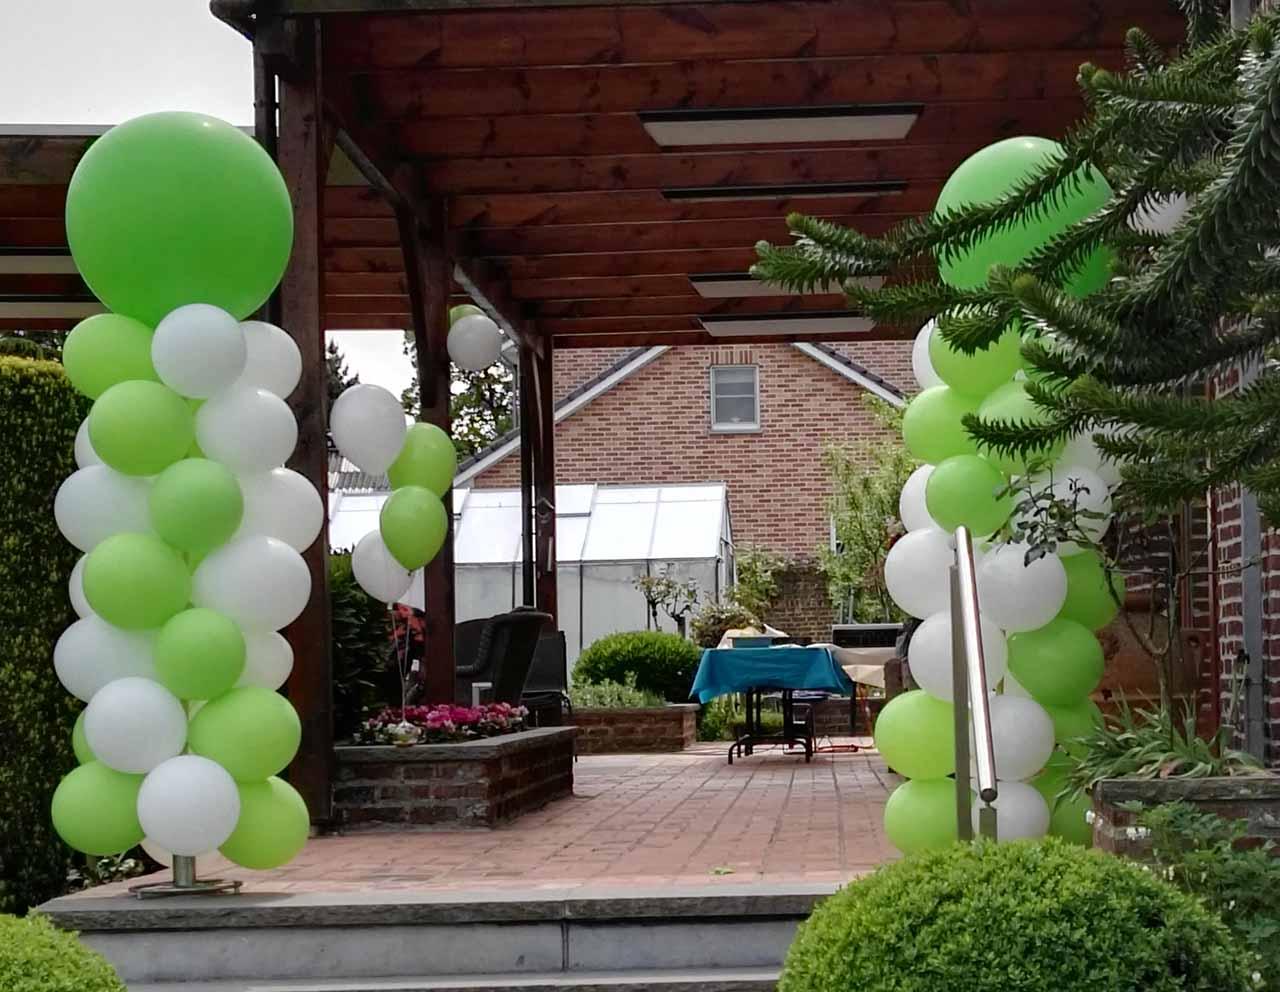 Décoballons - Décoration Ballons et diverses pour vos festivités en Hautes Pyrénées (65),Gers (32), Landes (40) et Pyrénées-Atlantiques (64)